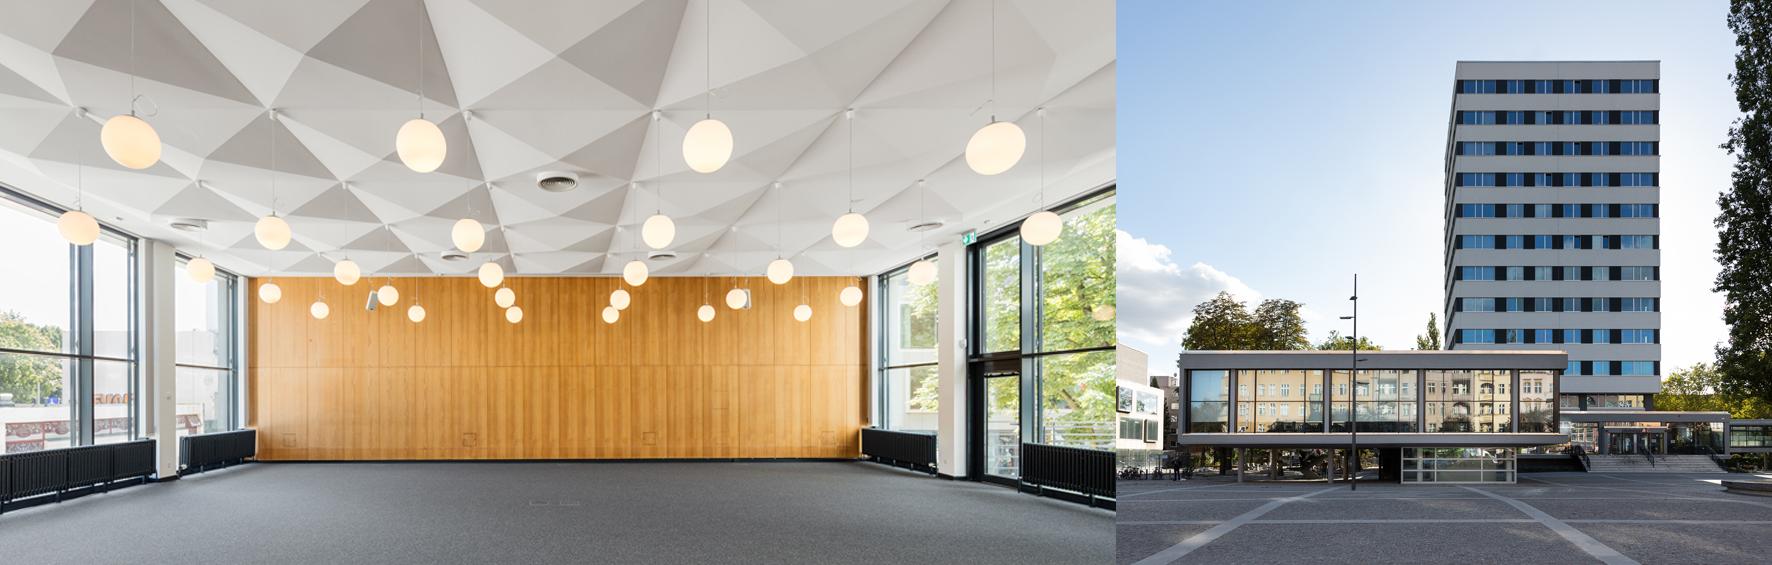 Job Center Berlin Mitte